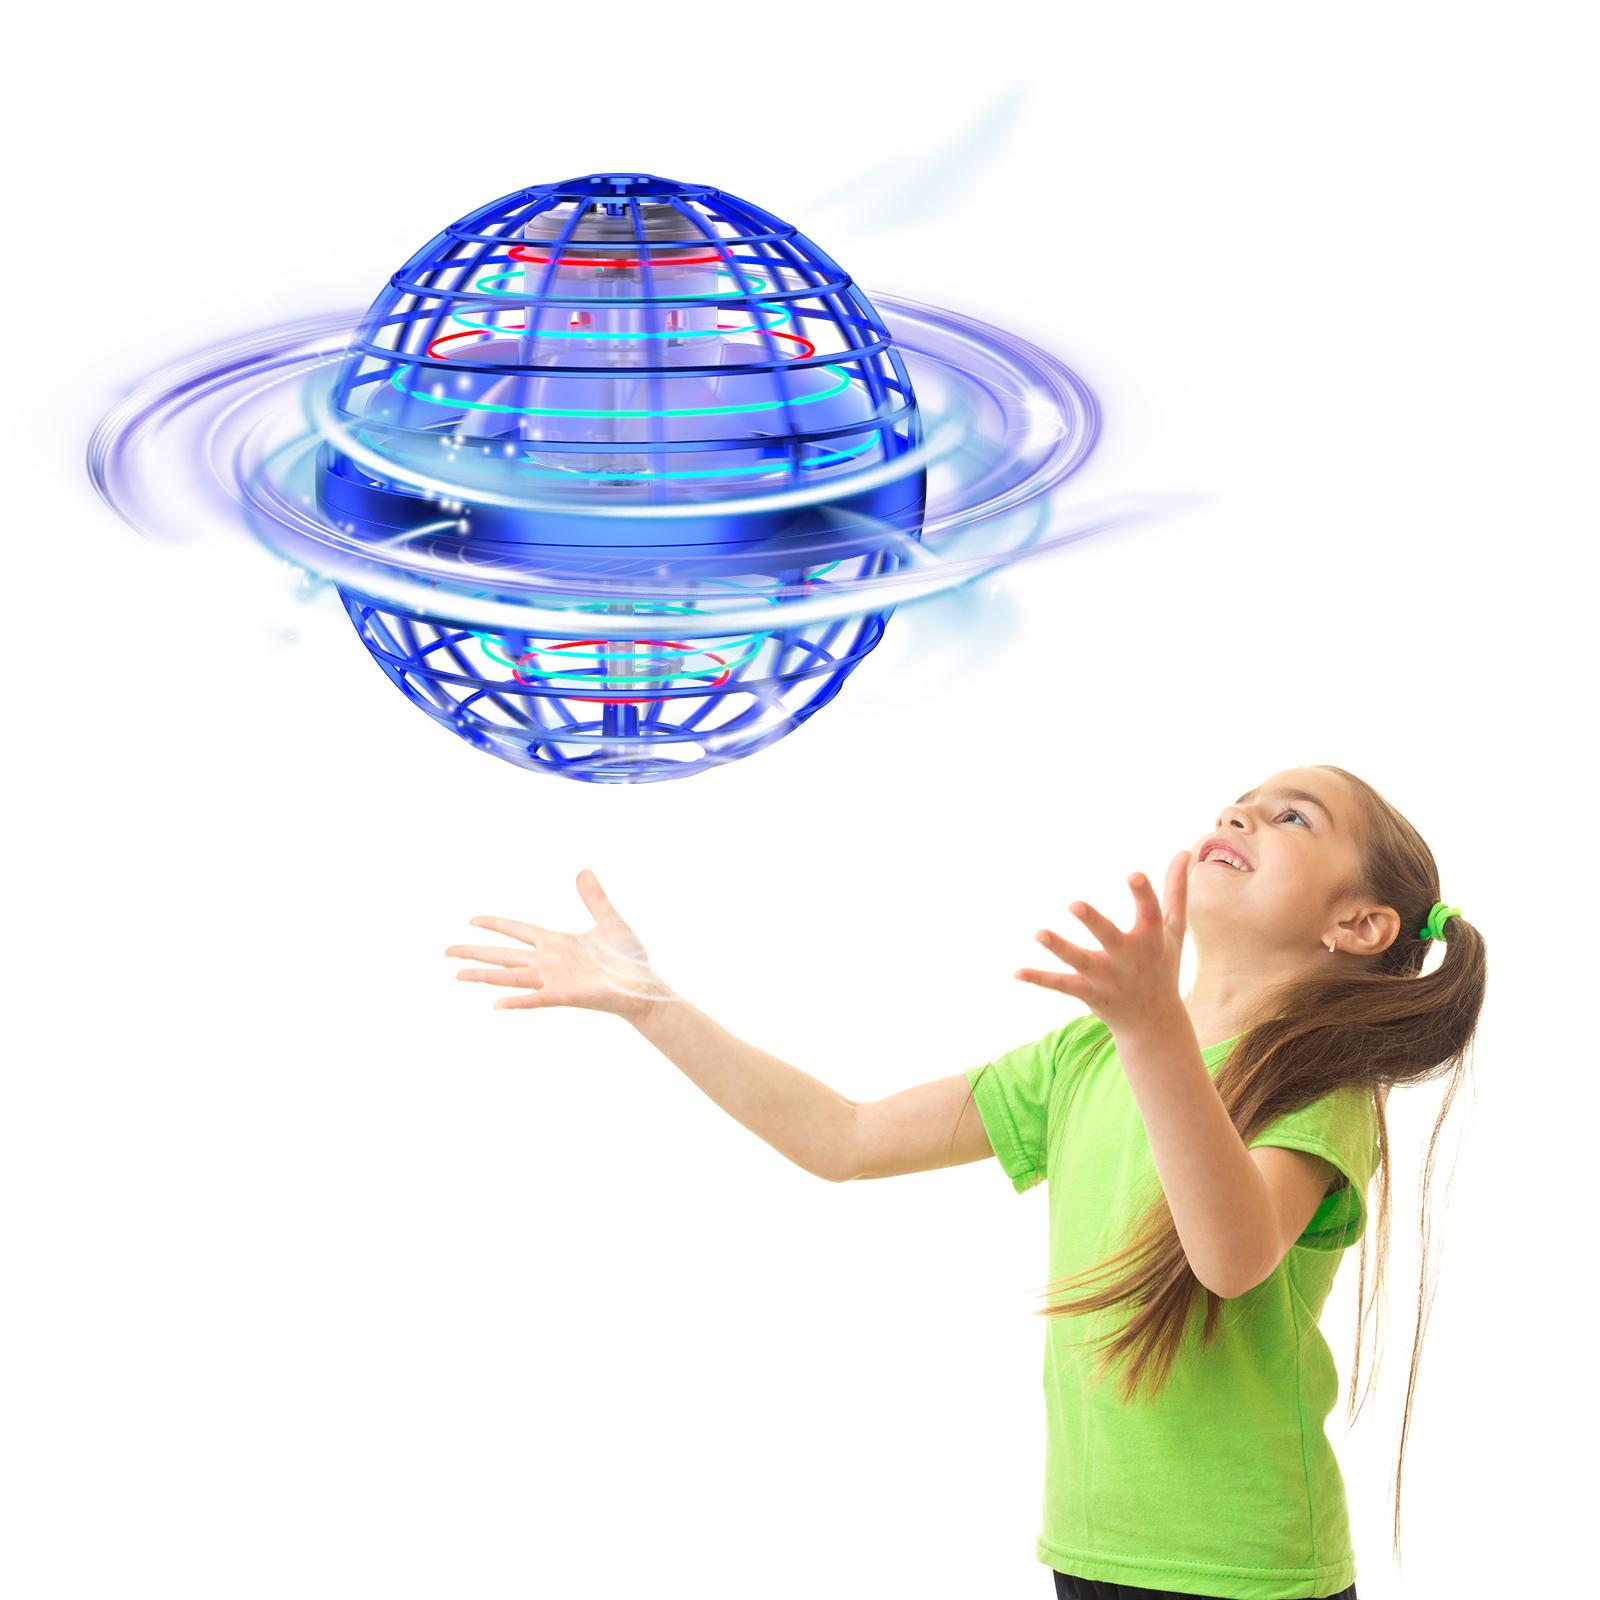 2021新品発売 【あす楽対応】 【スーパーDEAL 20%OFF】 ミニドローン 球体ドローン Tomzon フライングボール 360°回転 綺麗なLEDライト USB充電式 超軽量 男の子 女の子 小学生 飛行機 おもちゃ 知育玩具 飛行機 こどもの日 誕生日